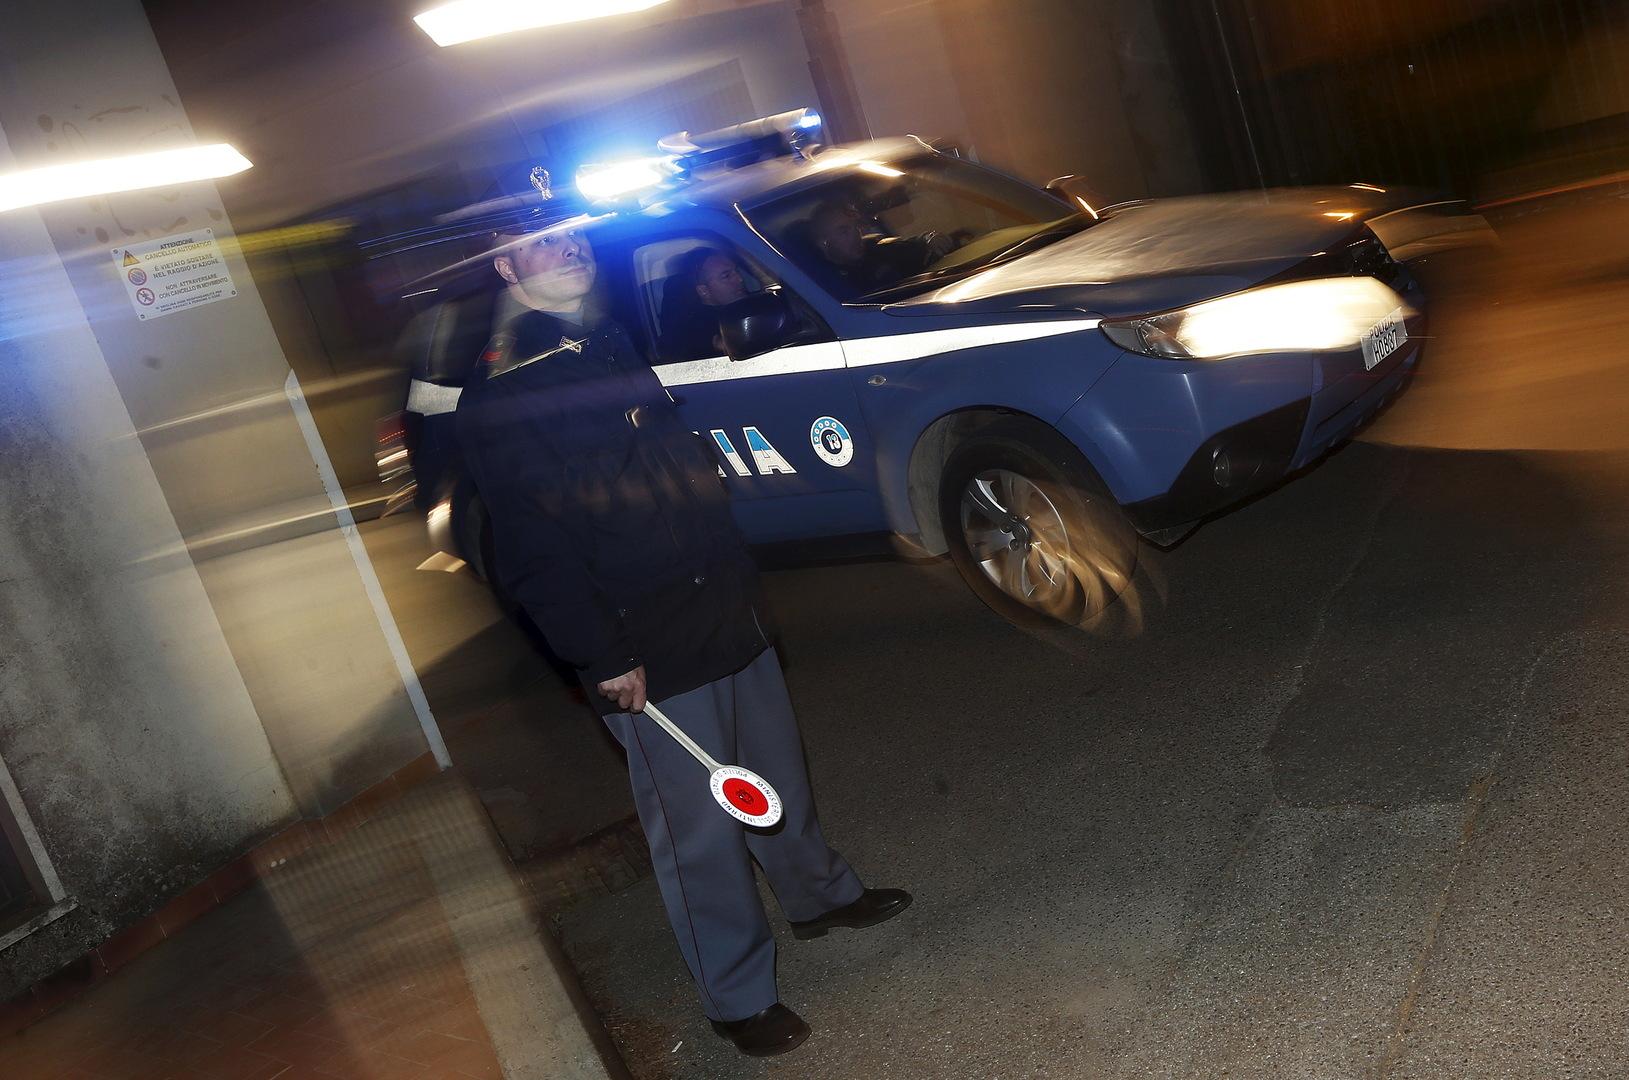 إيطاليا.. رجل مسلح بسكين يهاجم ضابطين قرب حدود سويسرا